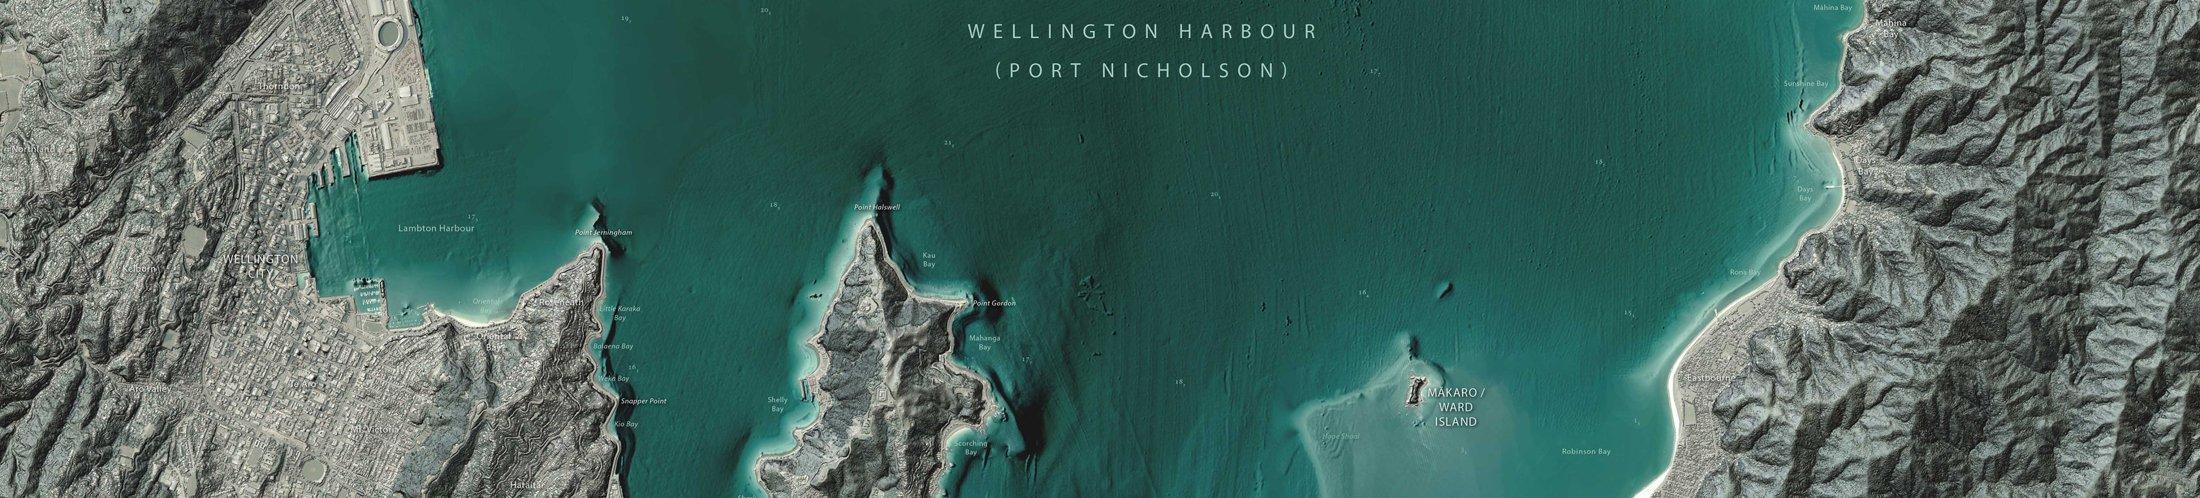 wellington_harbour_button